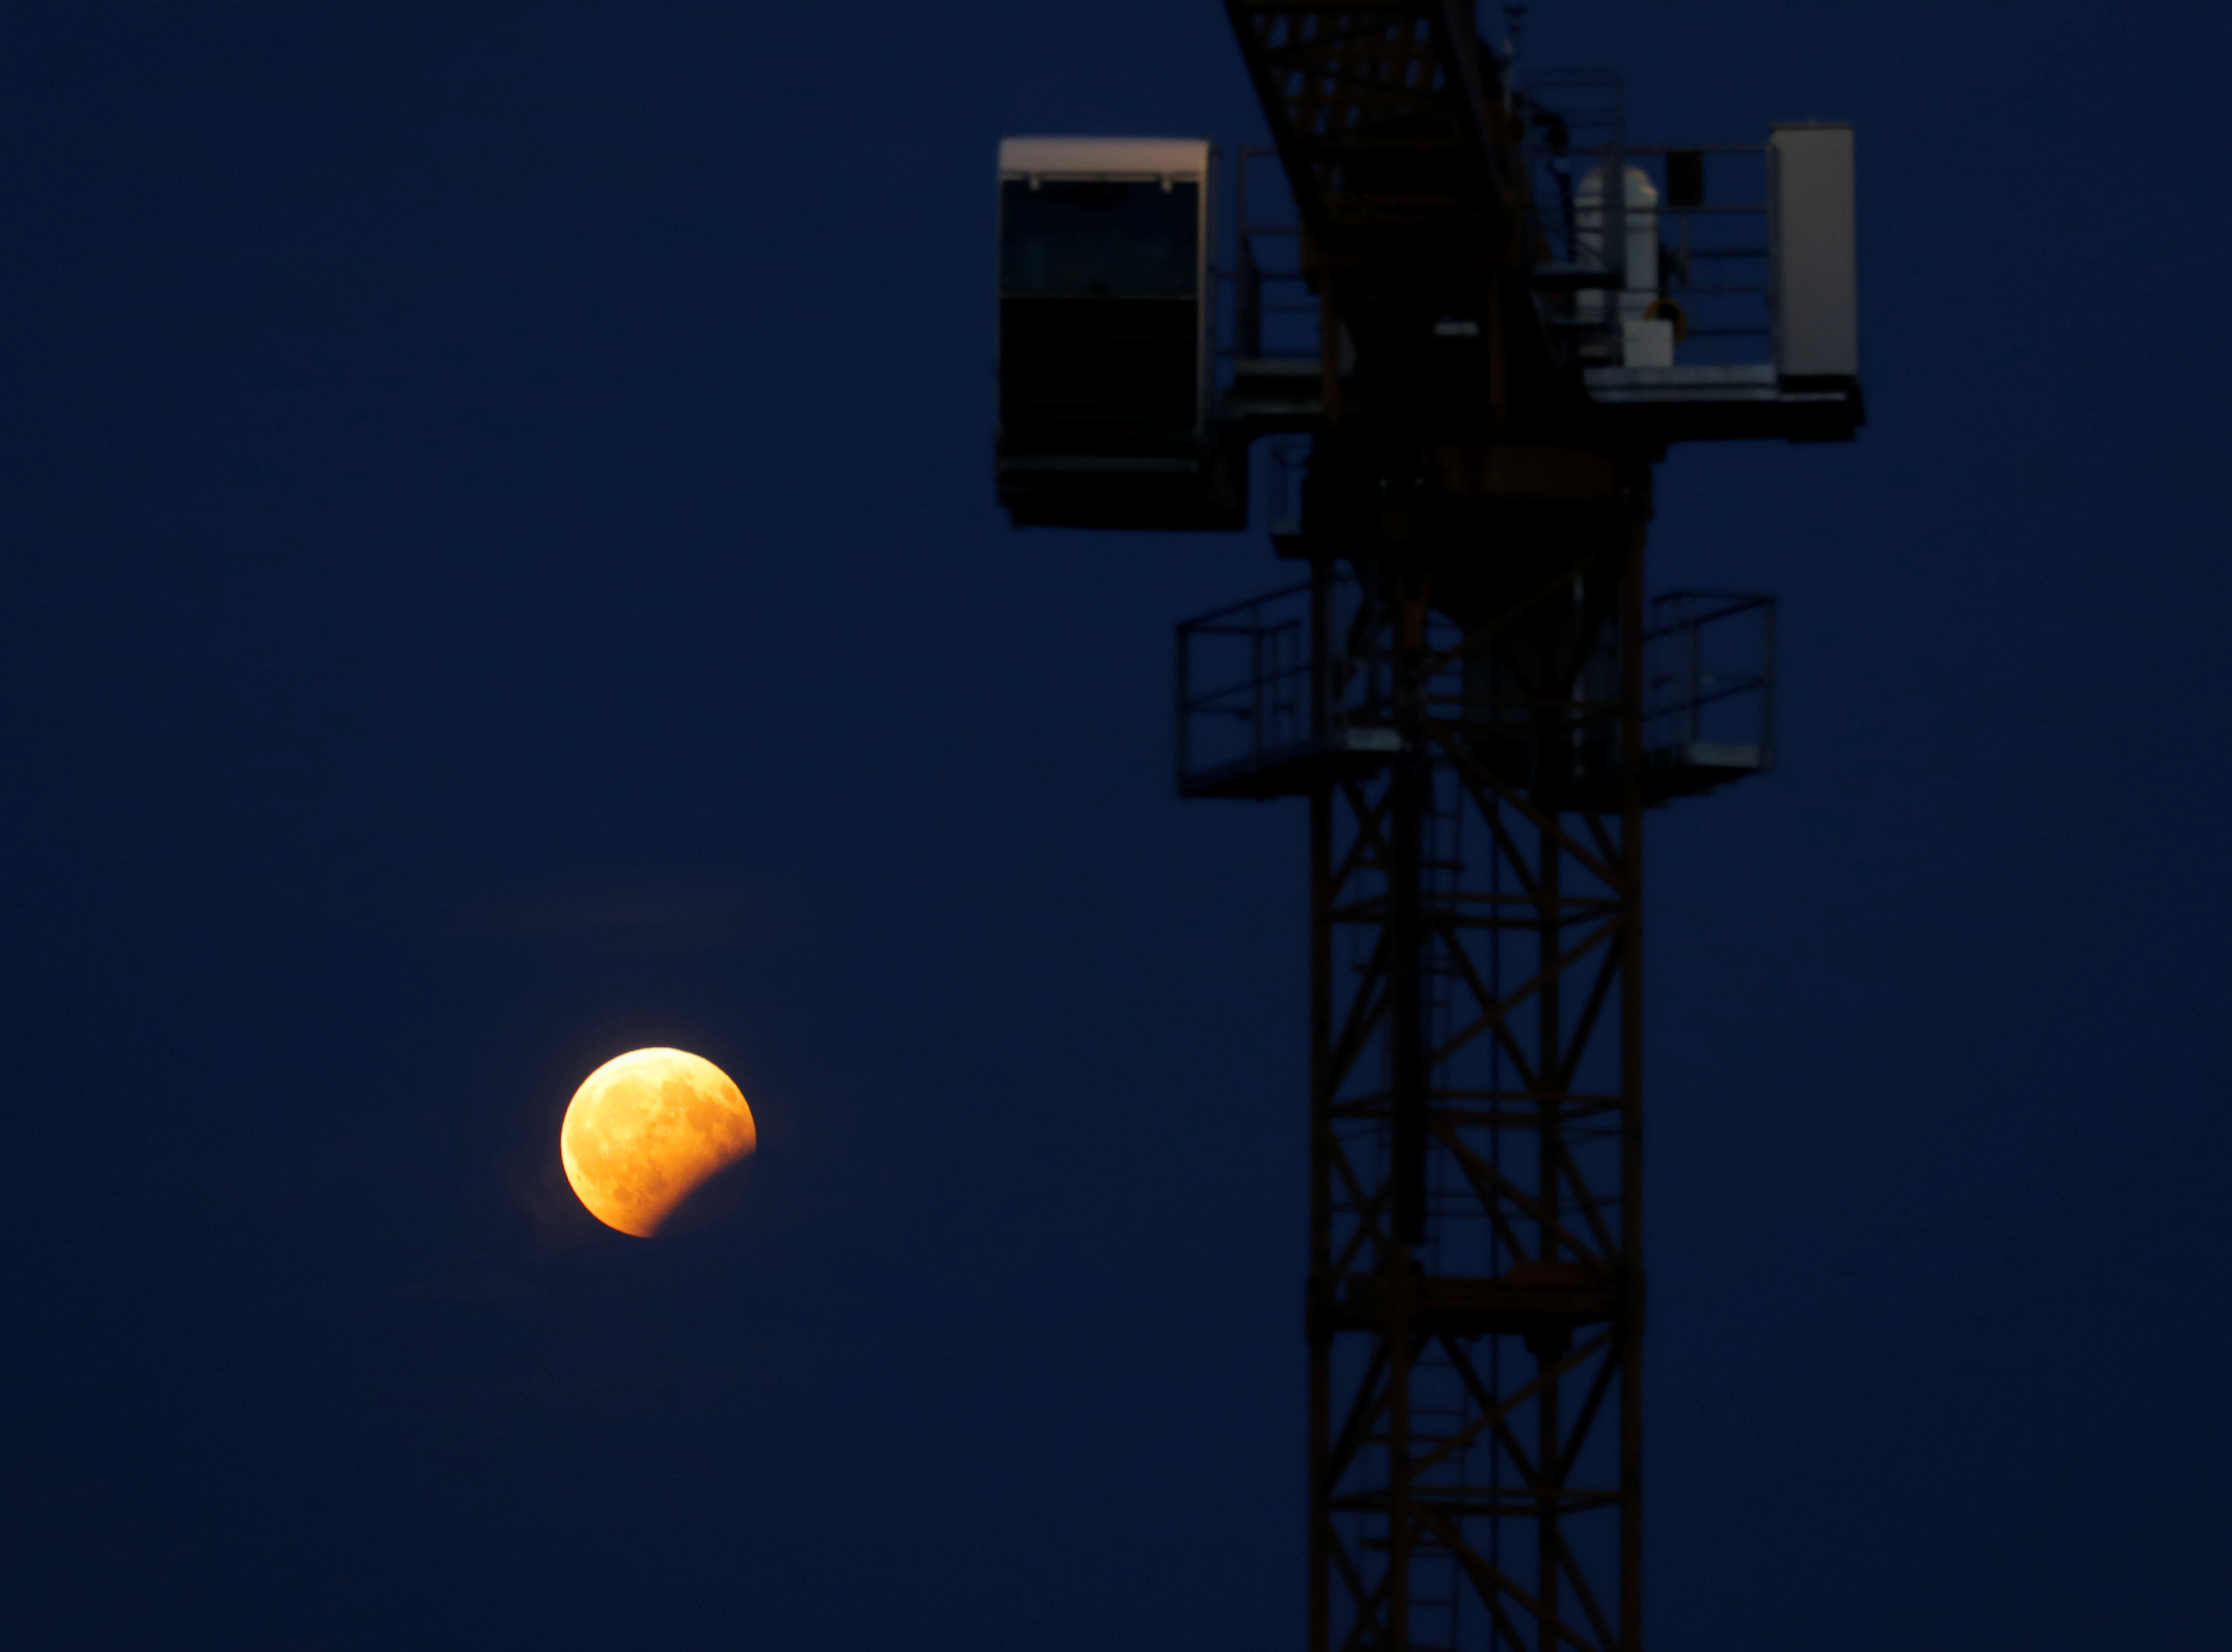 بالصور: خسوف القمر حول العالم